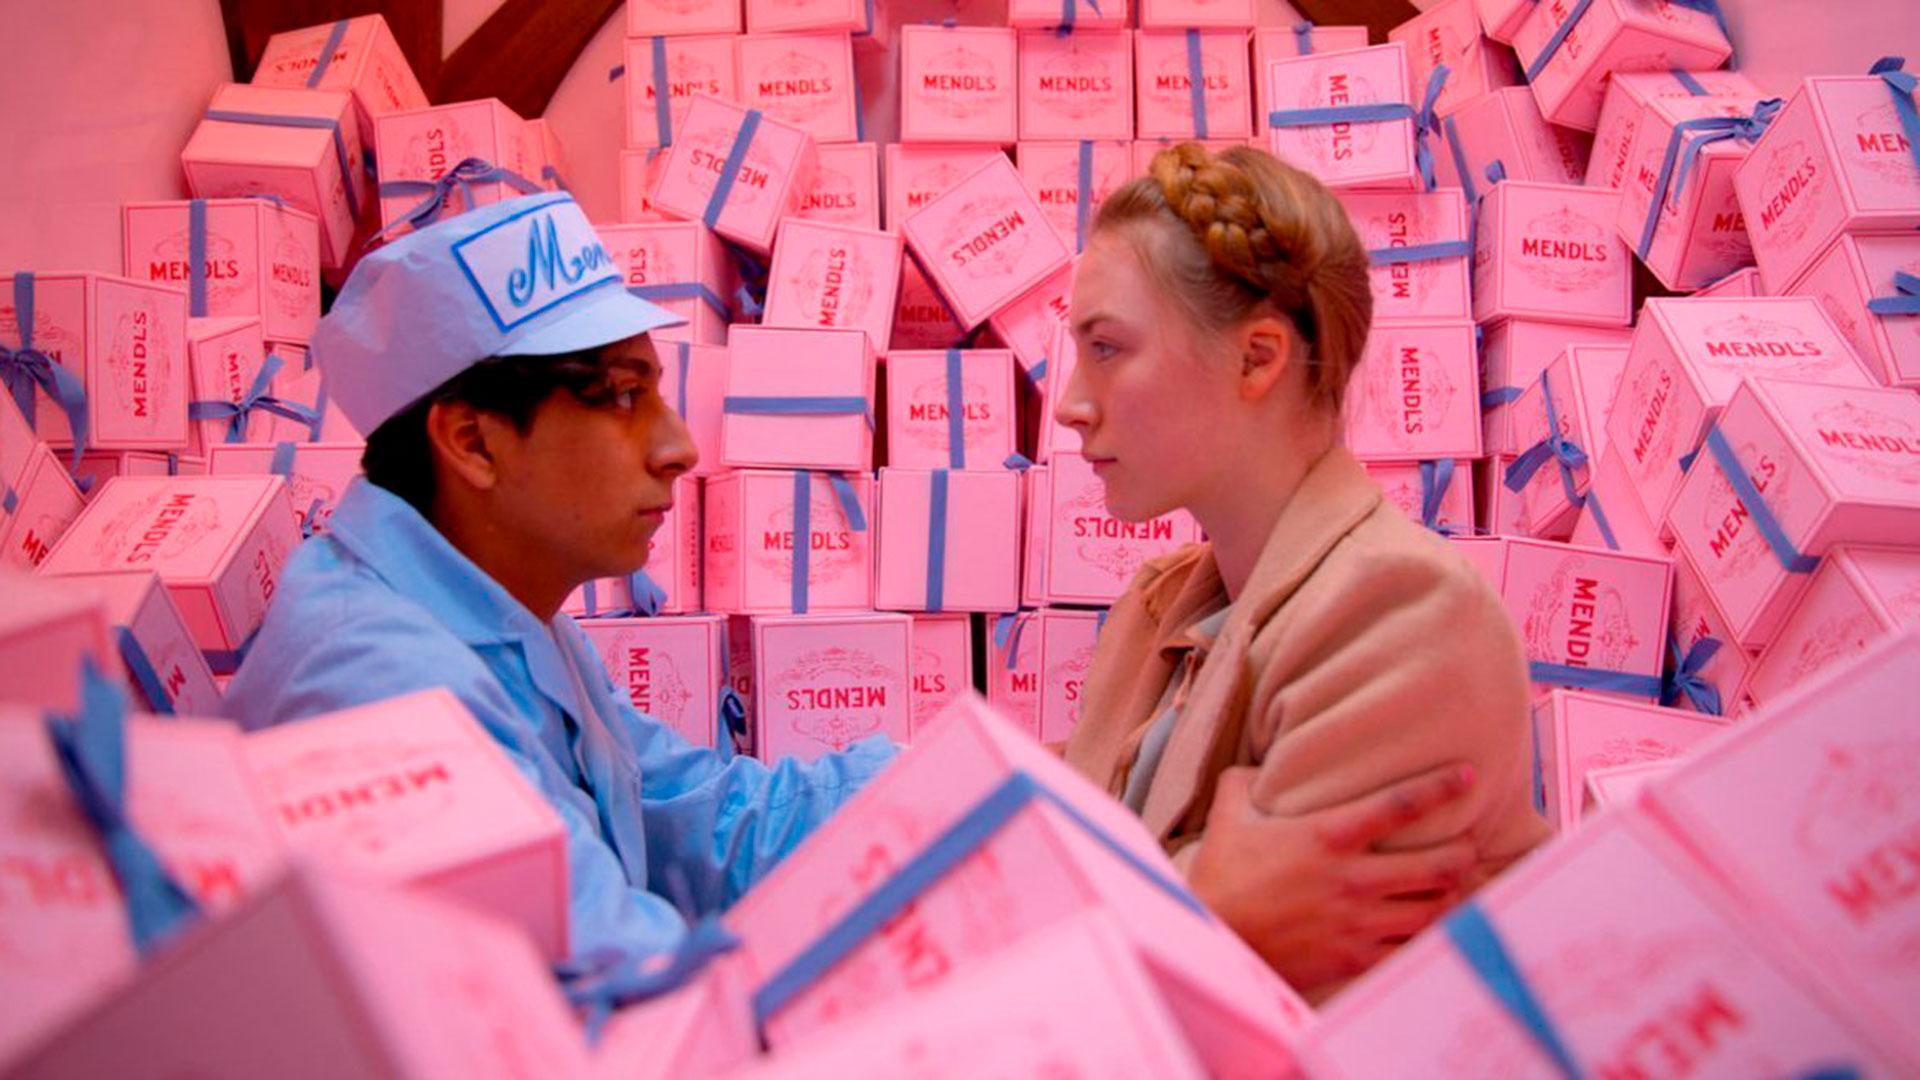 Imagen promocional de la exposición comisariada por Wes Anderson